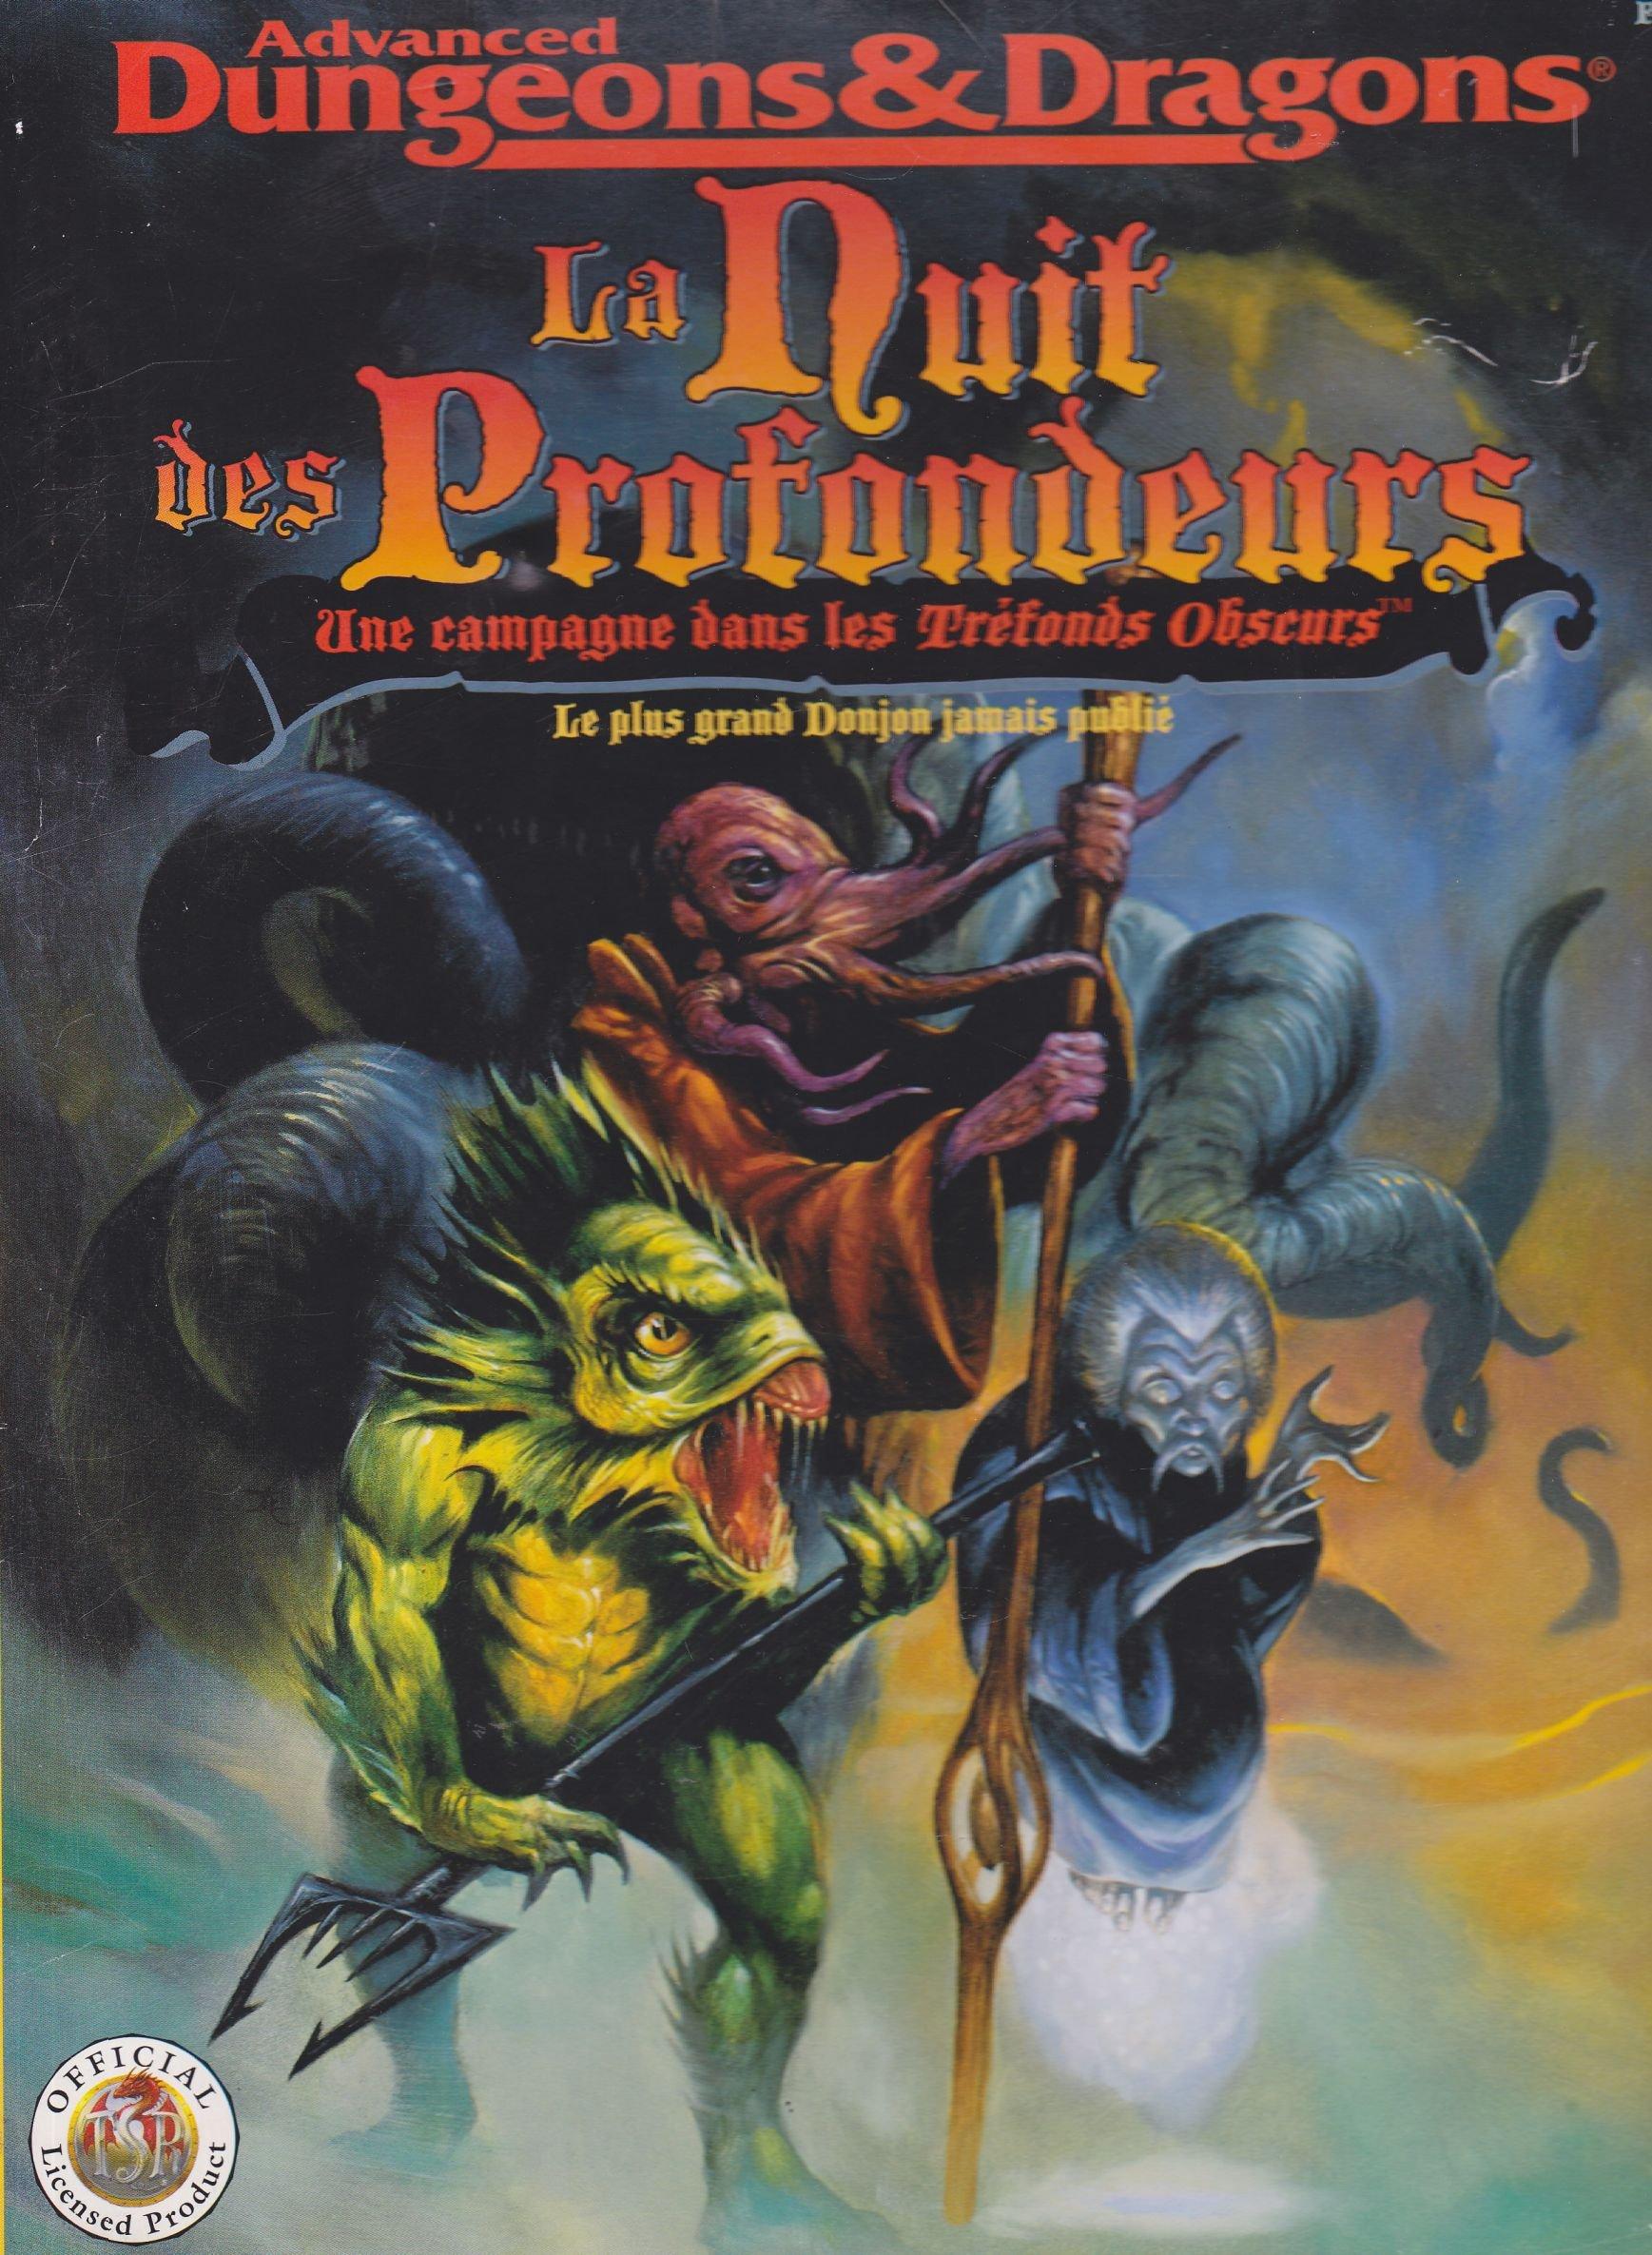 Advanced Dungeons & Dragons : La nuit des profondeurs, une campagne dans les tréfonds obscurs, le plus grand donjon jamais publié, Livre-Jeu Comic – 1995 Carl Sargent Descartes Jeux 2740801823